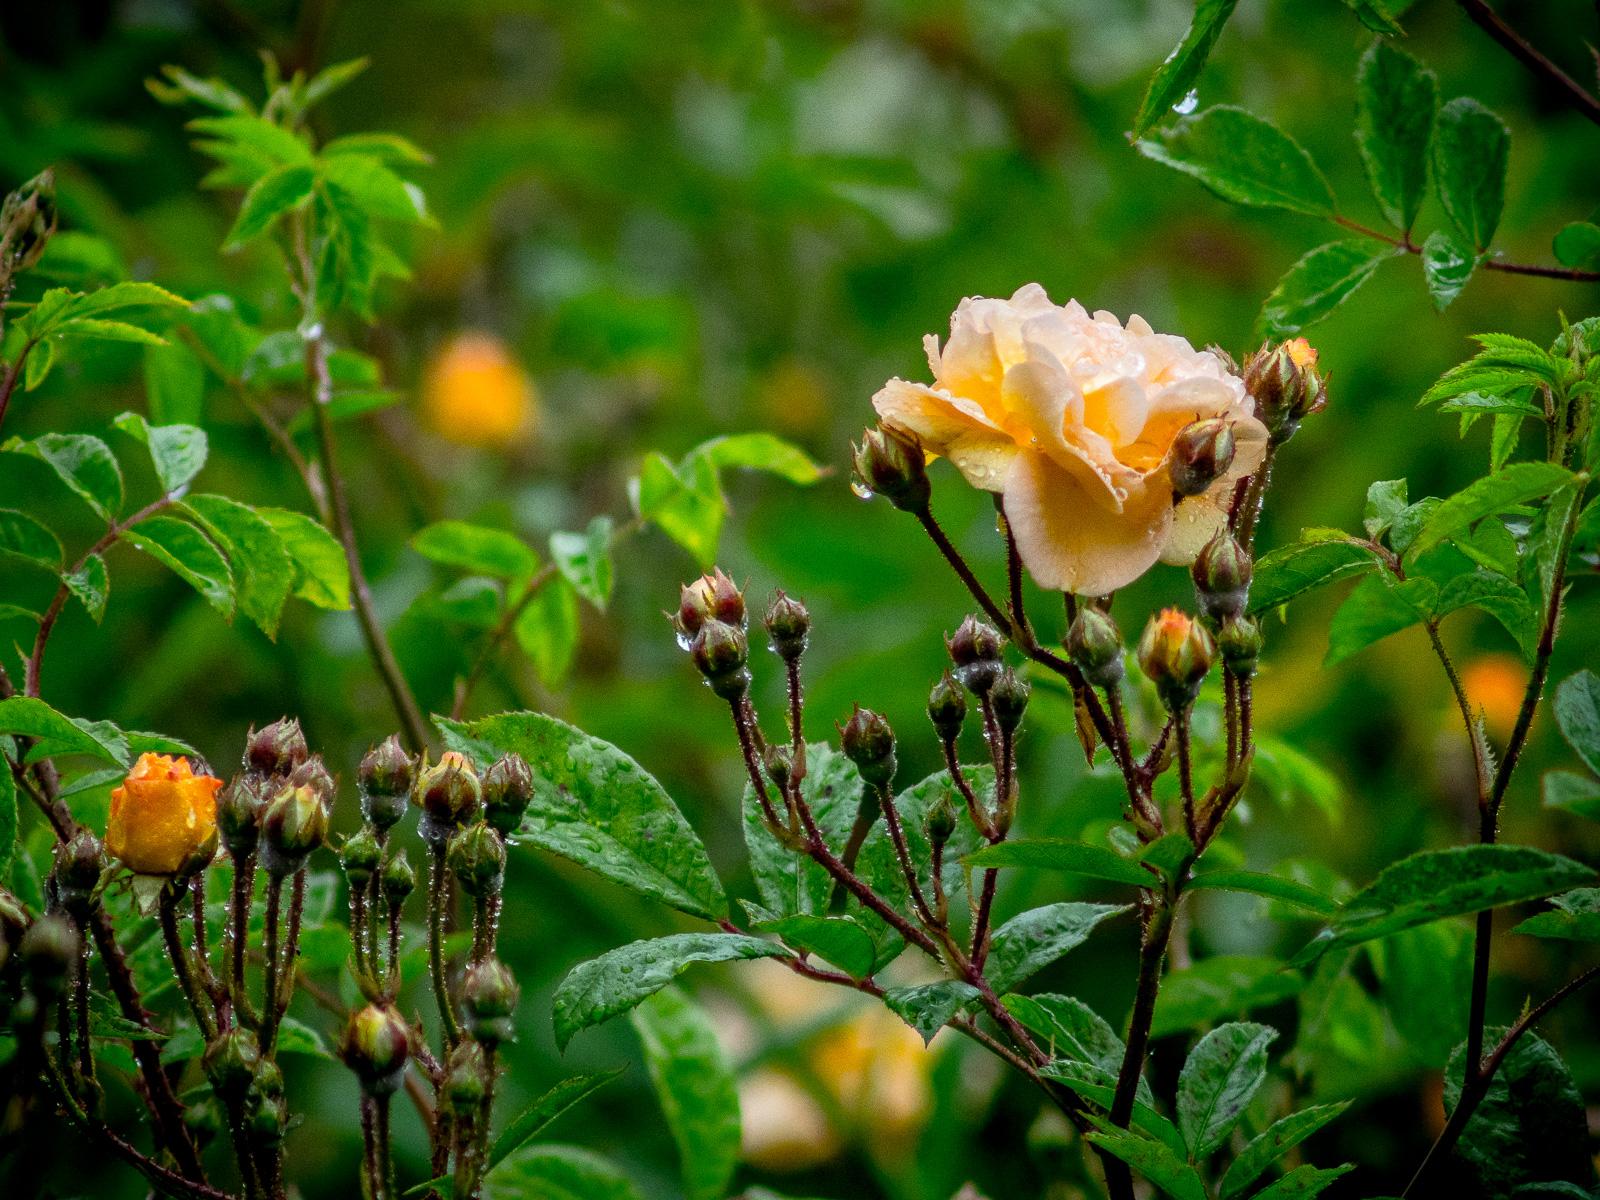 einzelne apricotfarbene Blüte der Kletterrose Ghislaine, umrahmt von ca. zwei Dutzend Knospen